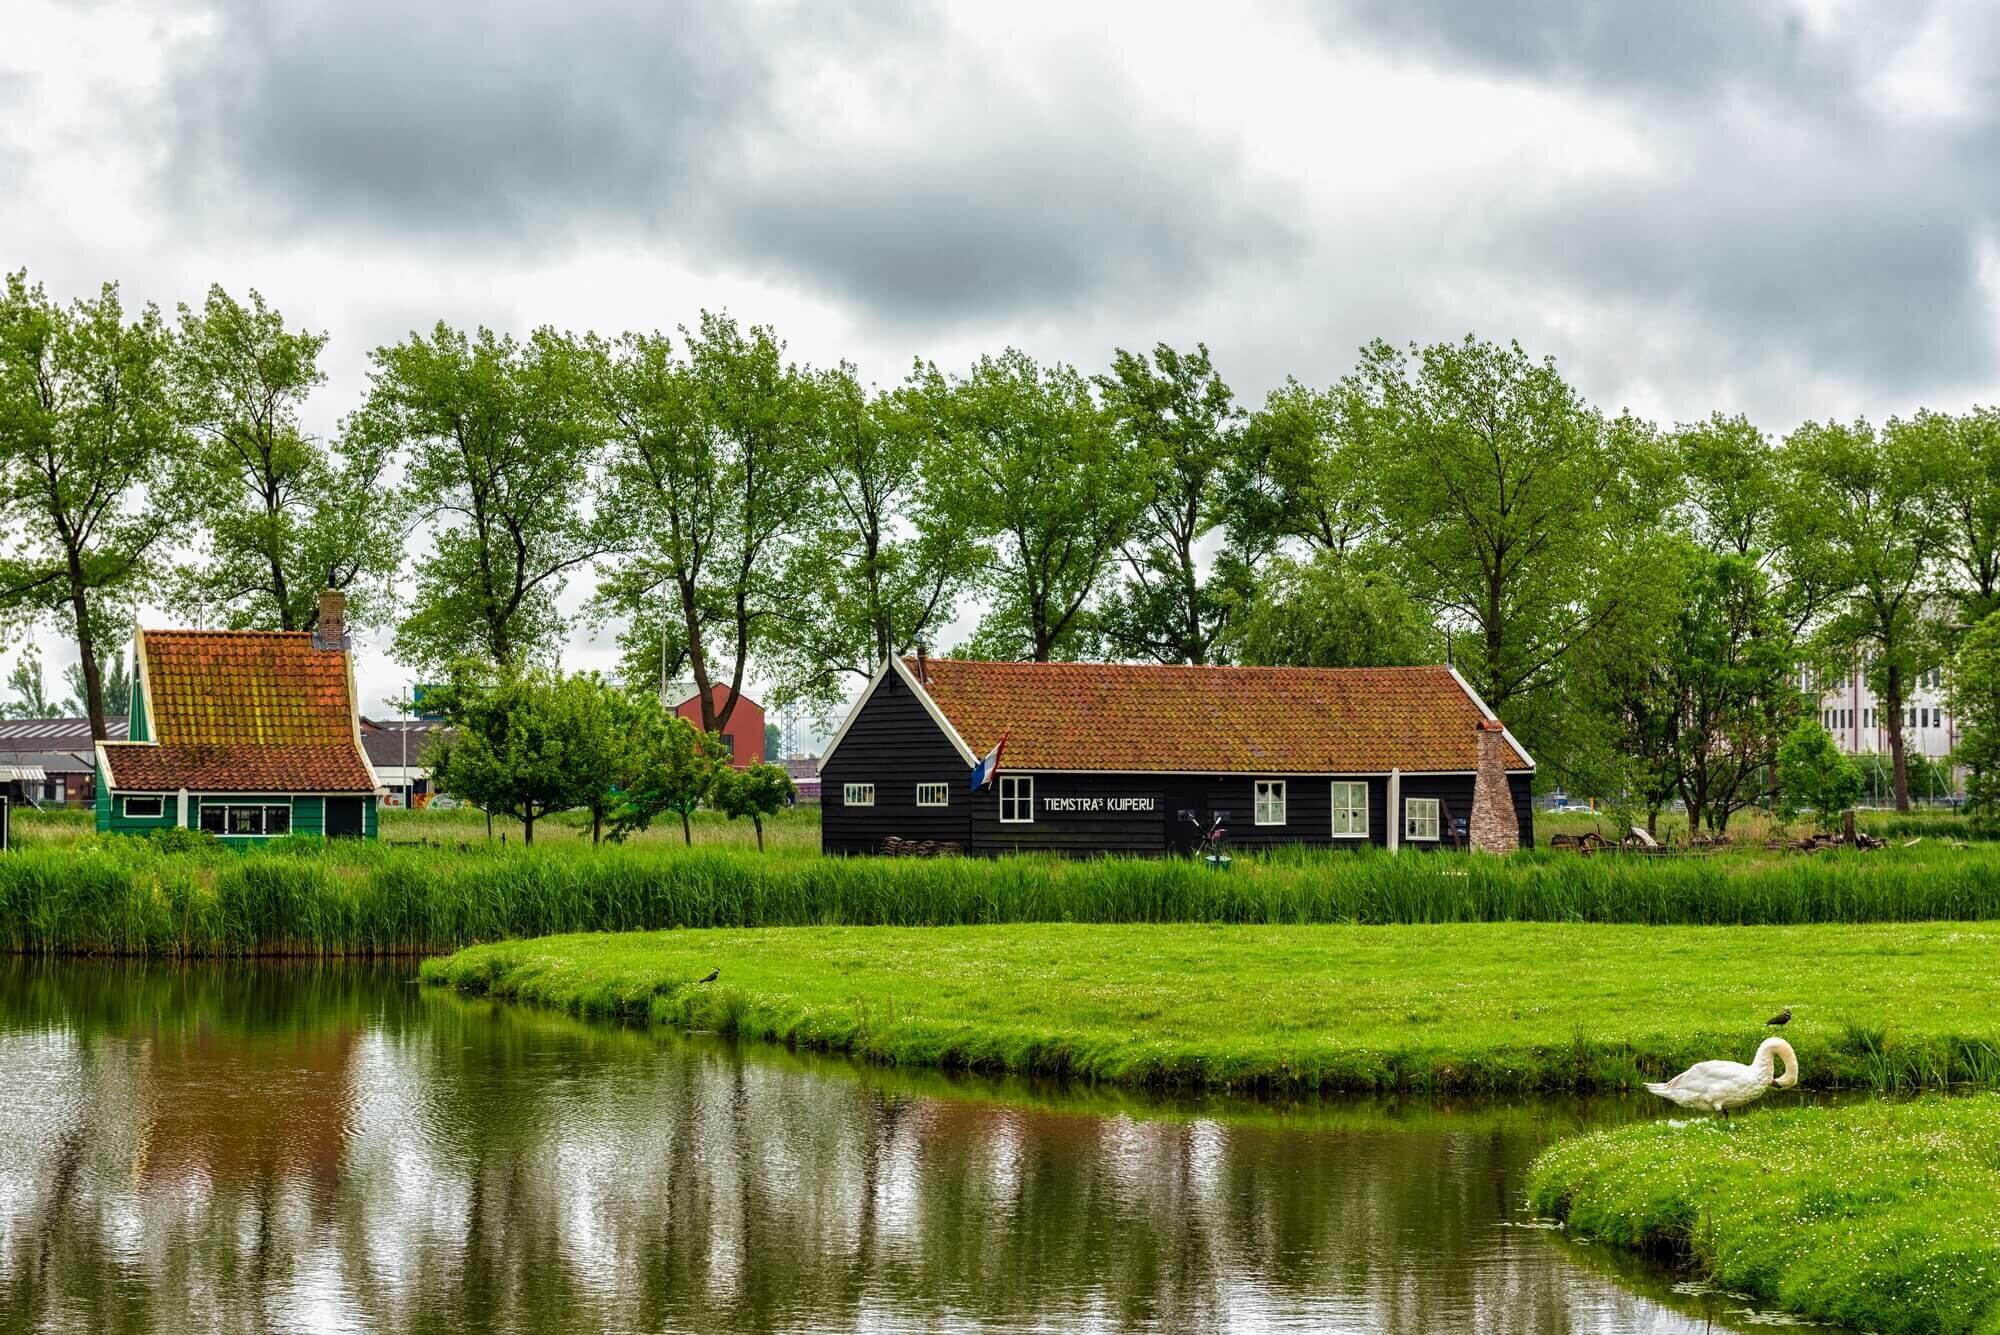 זאנס סכאנס, הולנד - Zaanse Schans, Netherlands